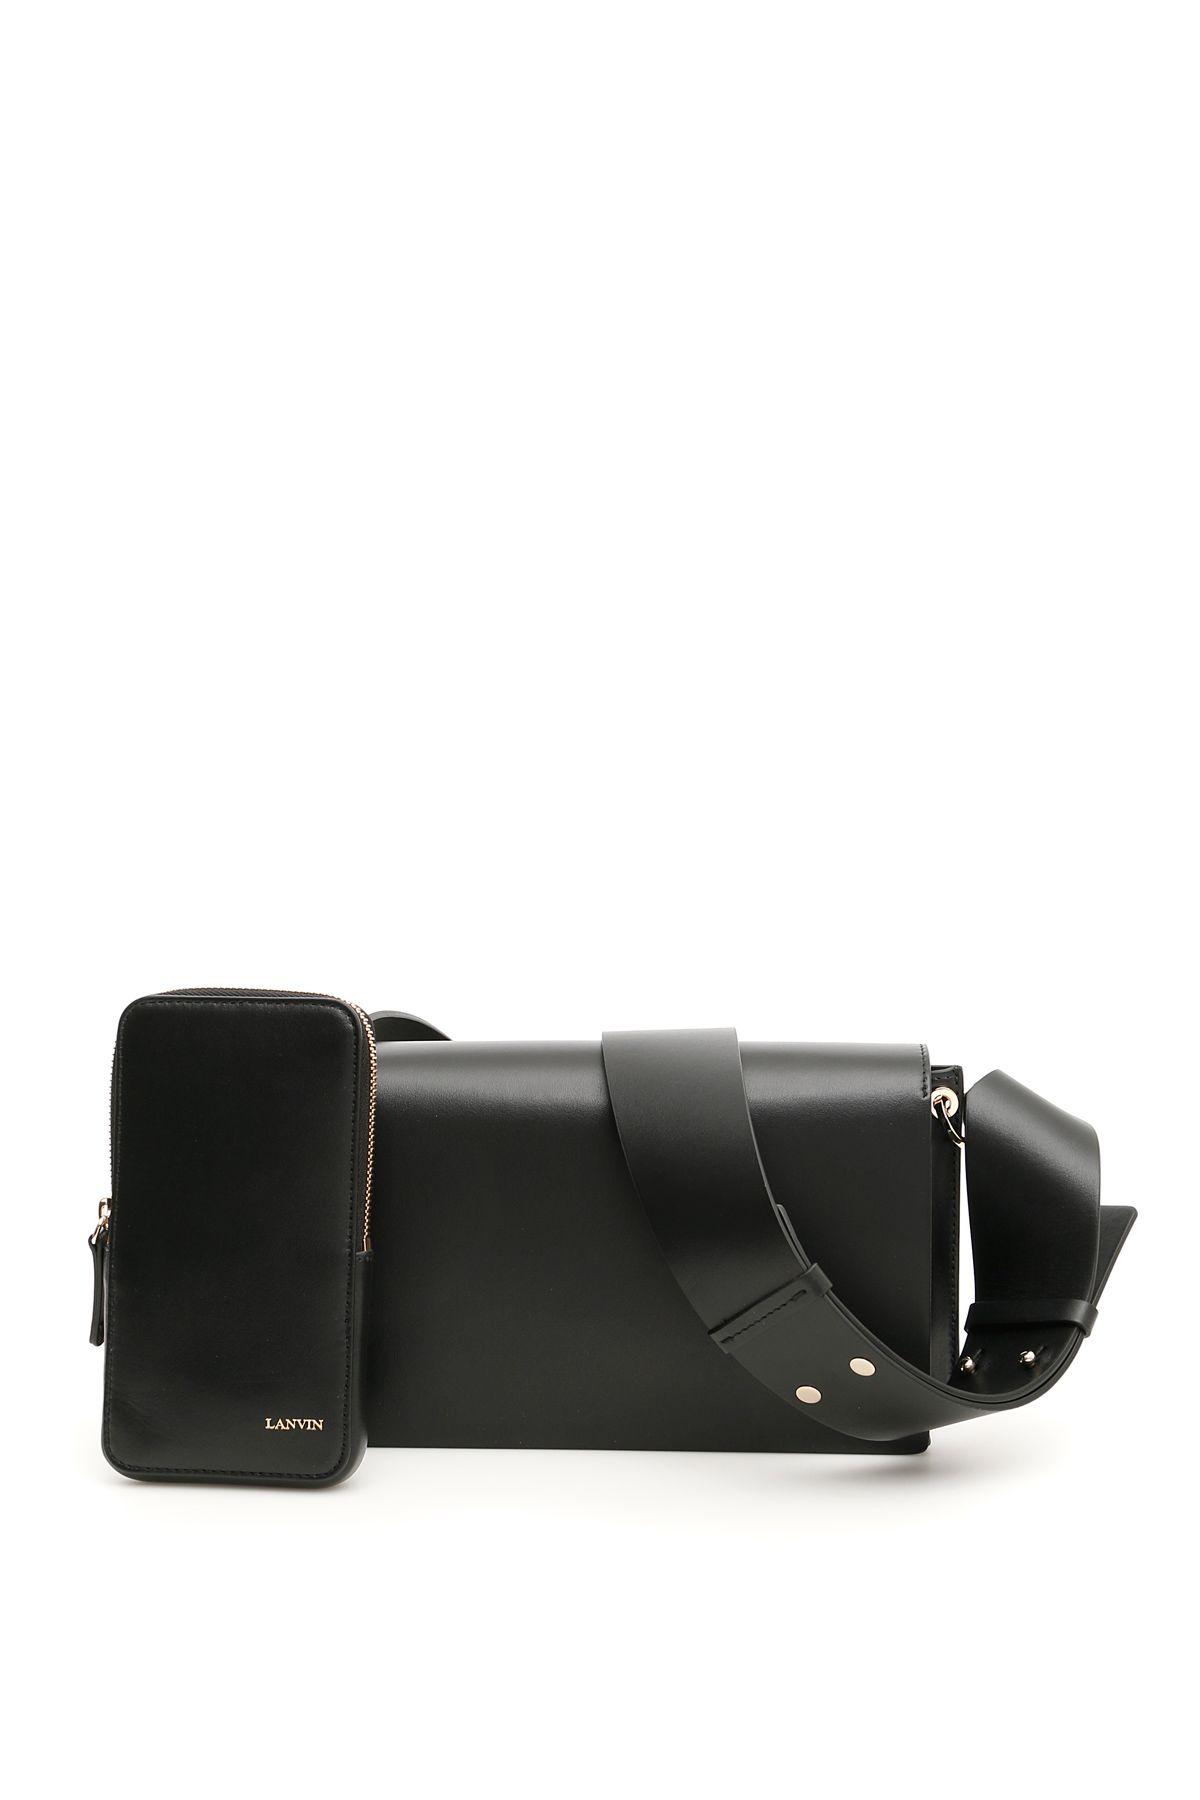 Lanvin Leather Pixel-it Bag